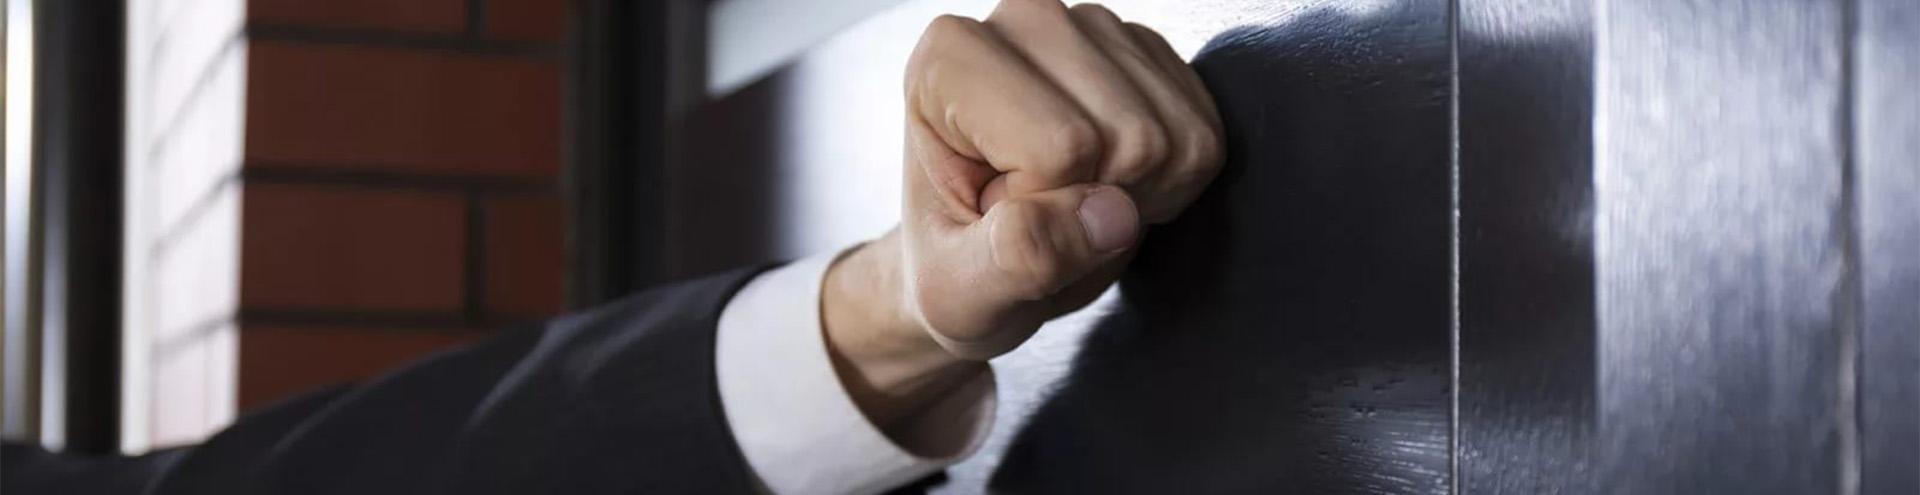 защита заемщика от коллекторов в Калуге и Калужской области